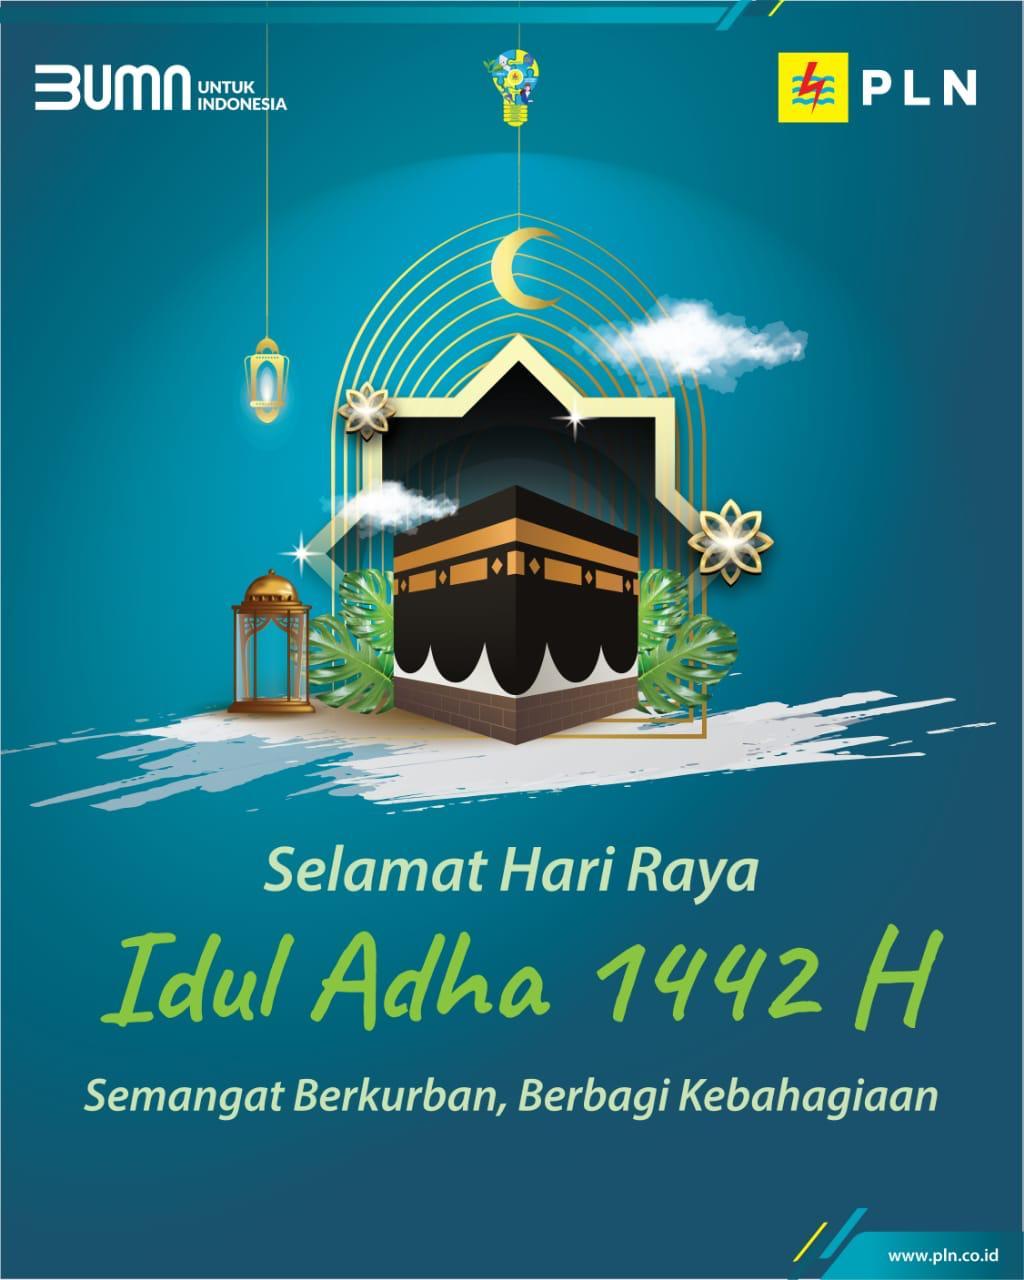 Keluarga Besar PT PLN (Persero) Mengucapkan Selamat Hari Raya Idul Adha 1442 H